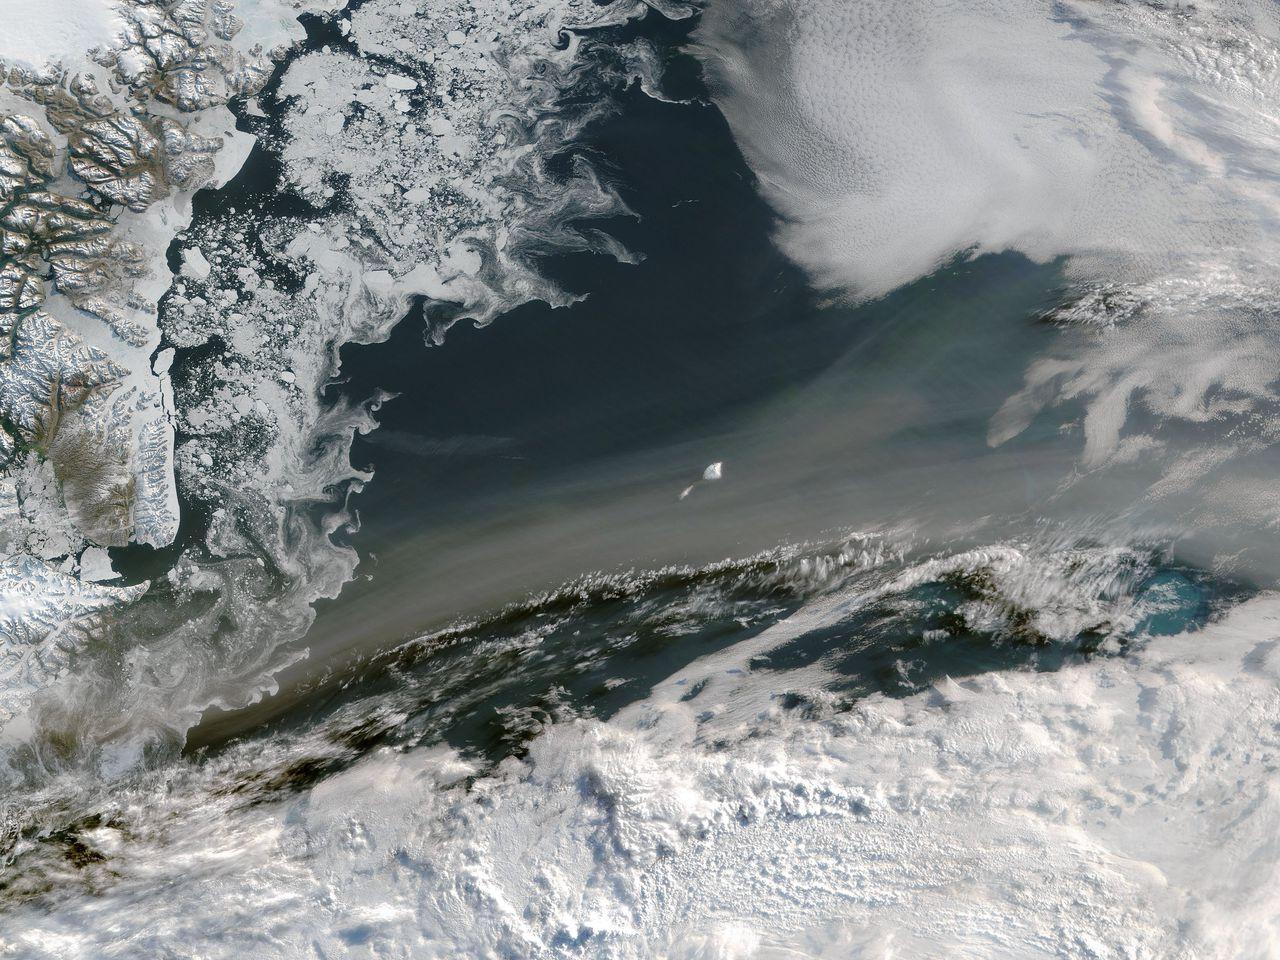 Rook boven zee ten oosten van Groenland, waargenomen door een satelliet van de NASA in juli 2015. De rook is afkomstig van branden in boreale veengebieden in Canada en Alaska, die toen zeer hevig waren.